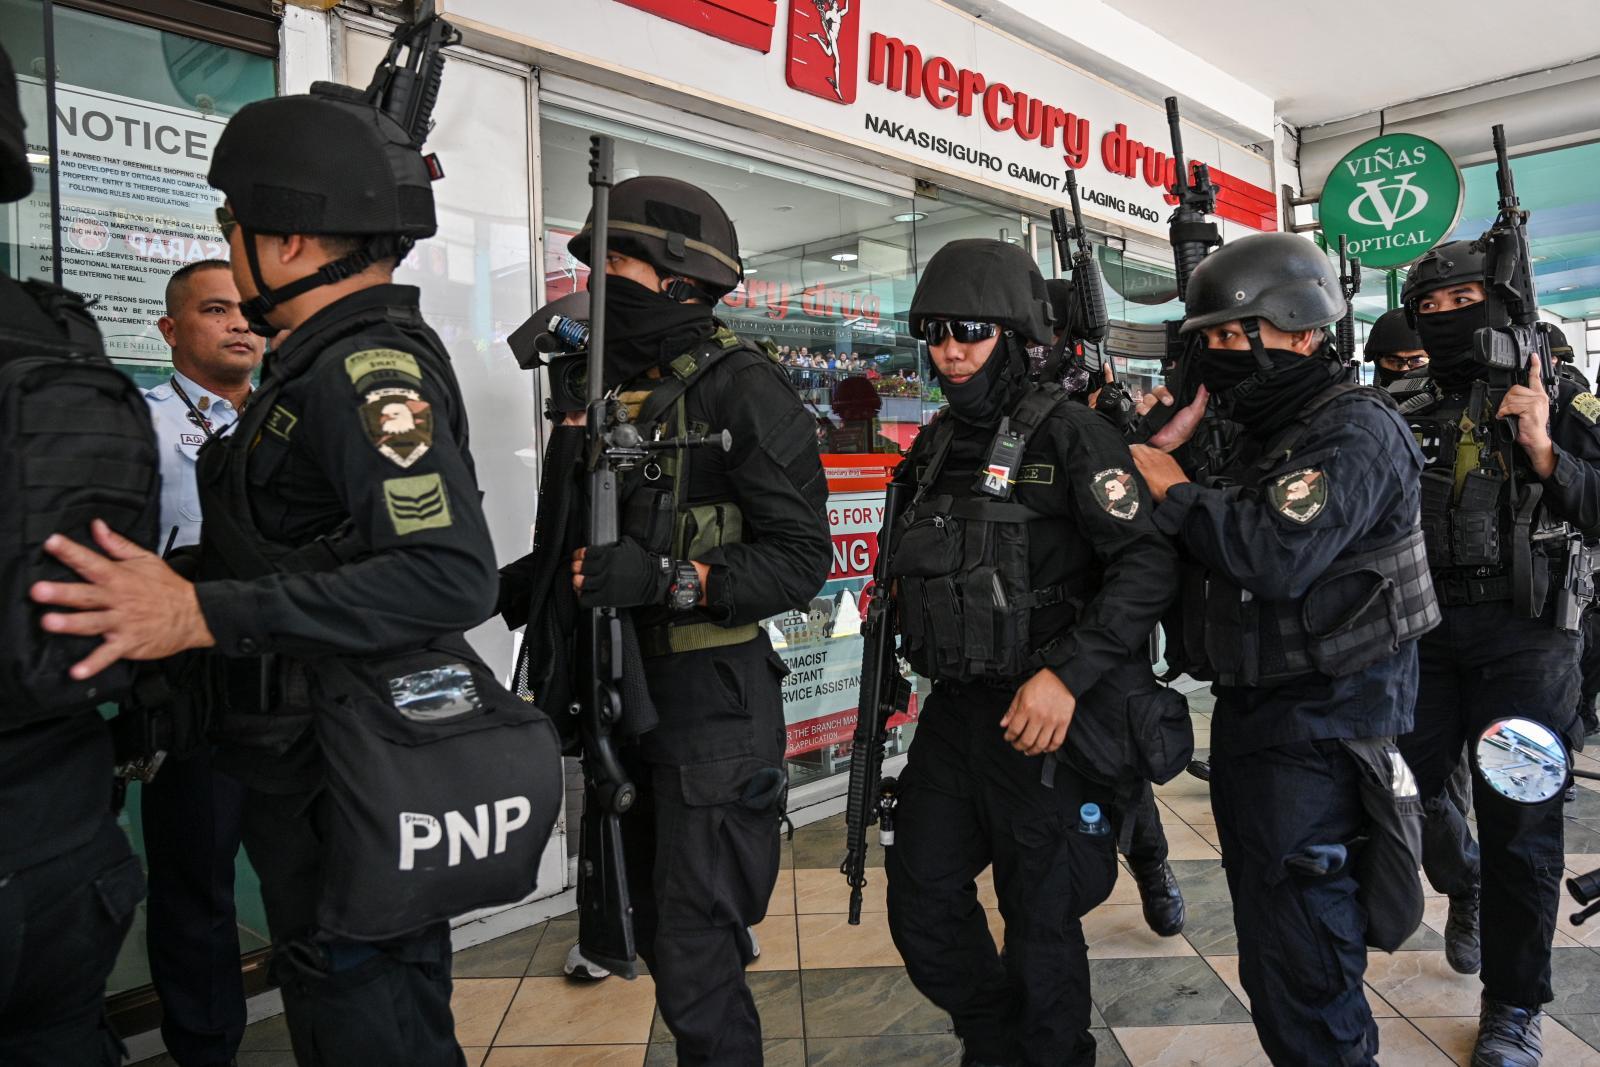 อดีตรปภ.จับตัวประกันกว่า 30 รายในห้างฟิลิปปินส์